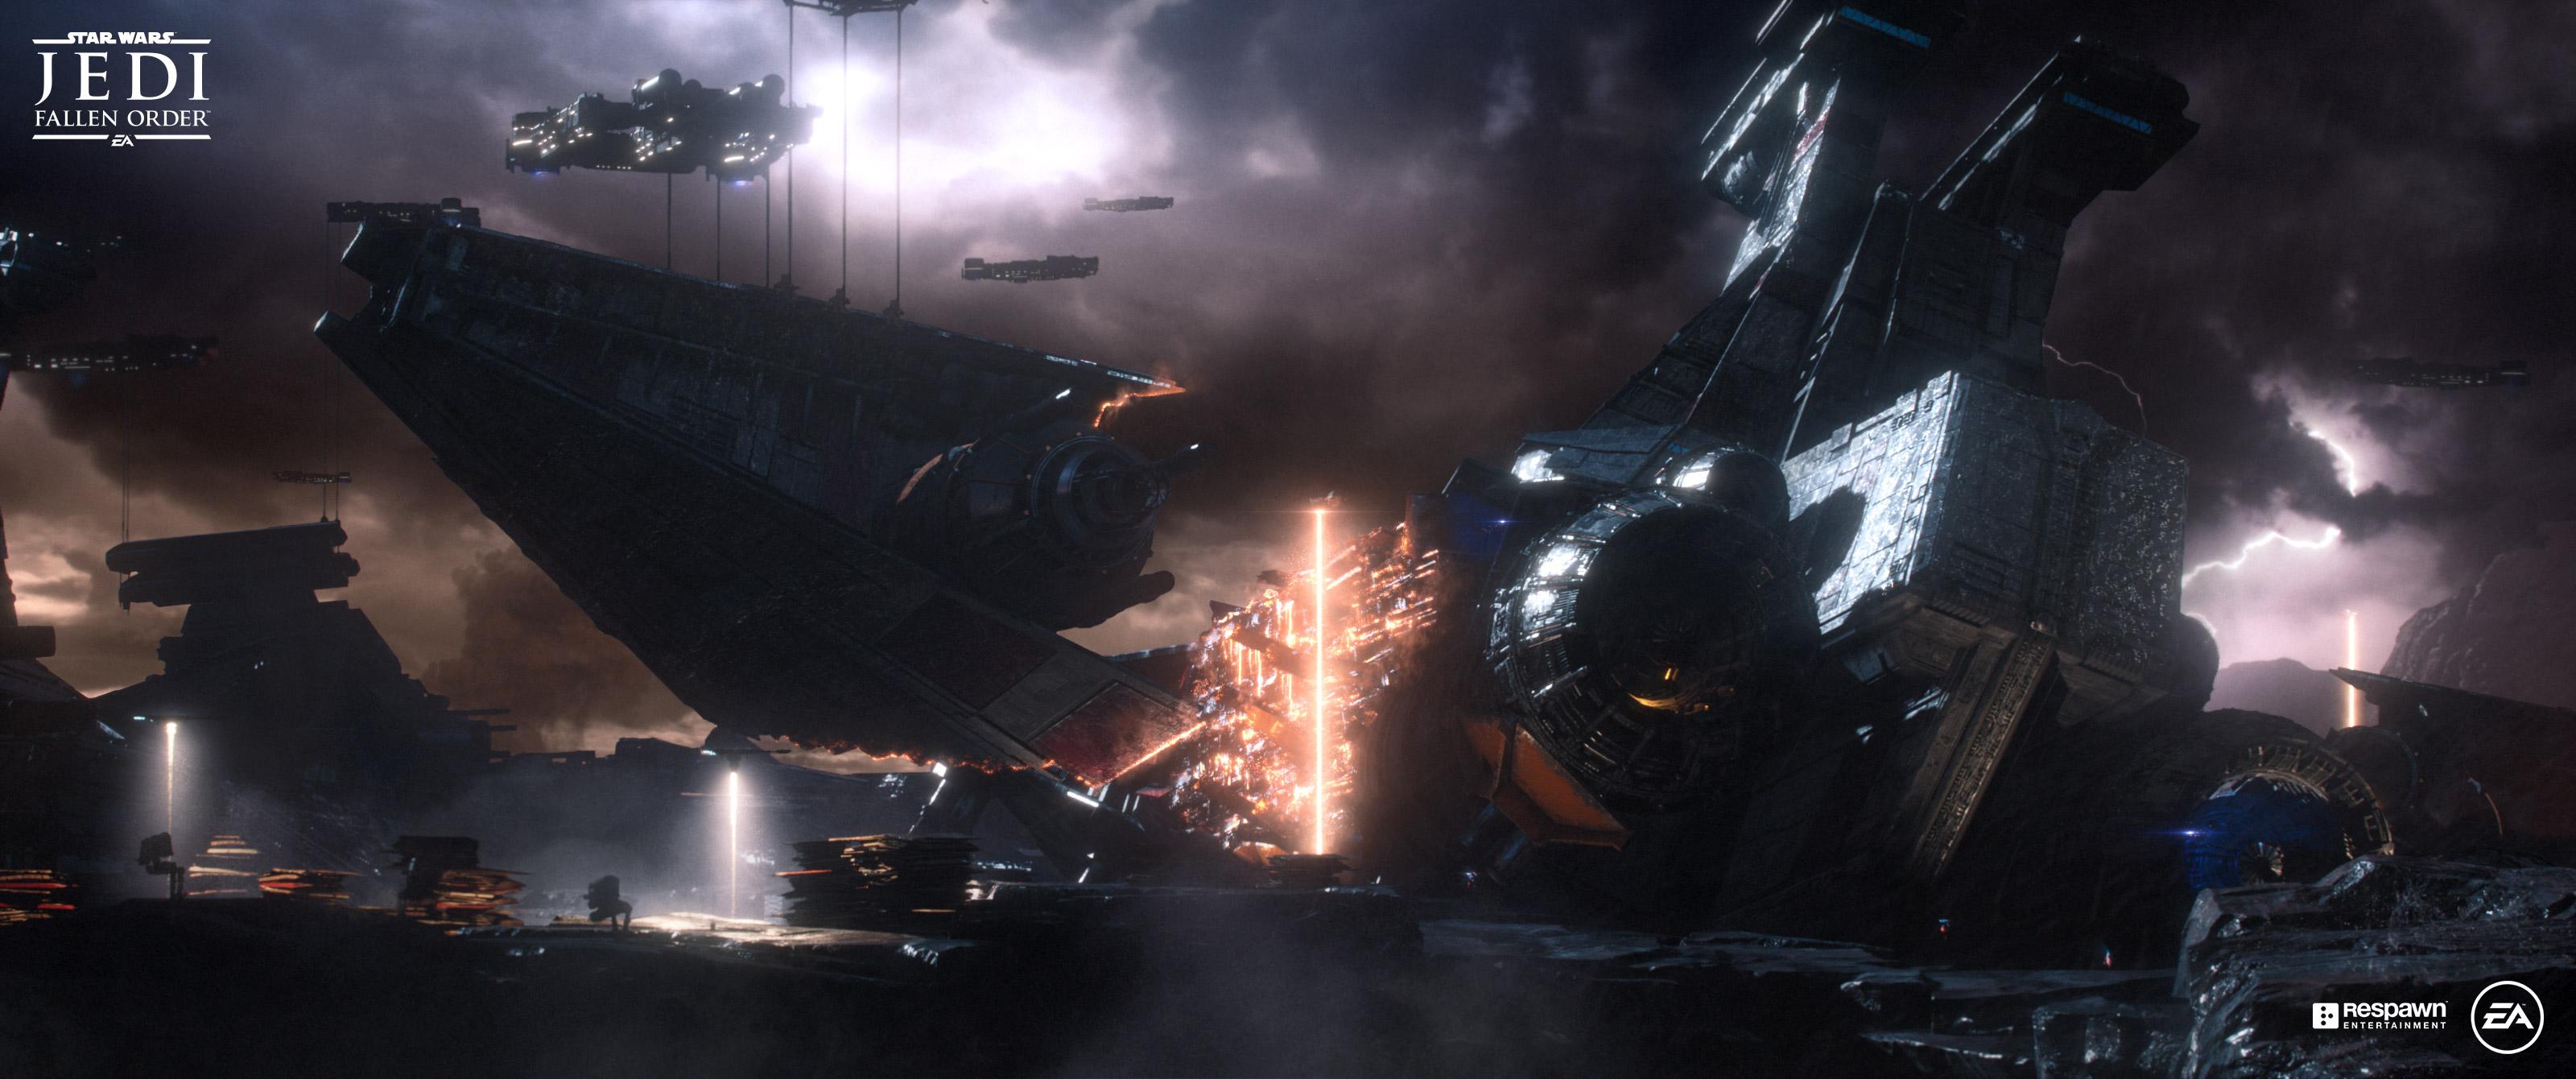 http://www.xboxygen.com/IMG/jpg/jfo_reveal_screen_bracca_shipbreakingyard_-_scope.jpg